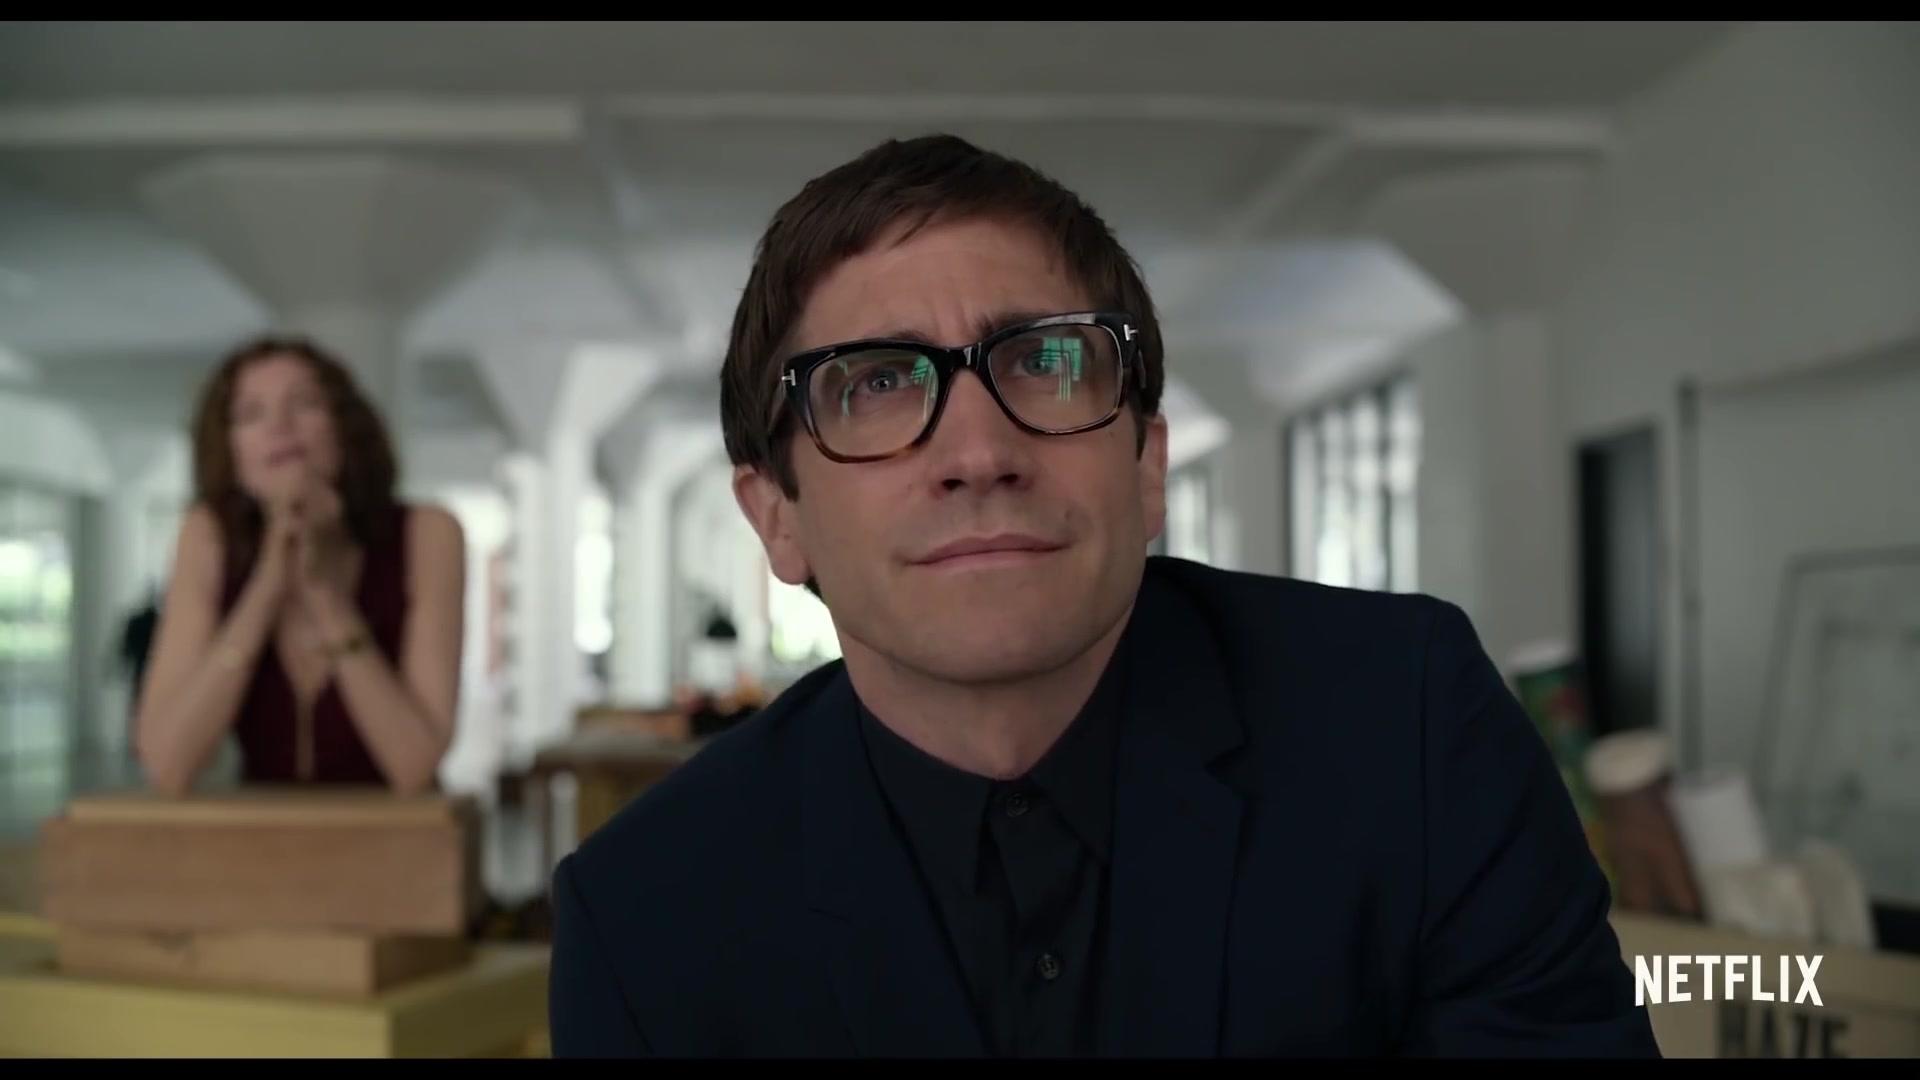 c1287e859ba83 Tom Ford Geometric Glasses Worn by Jake Gyllenhaal in Velvet Buzzsaw (2019)